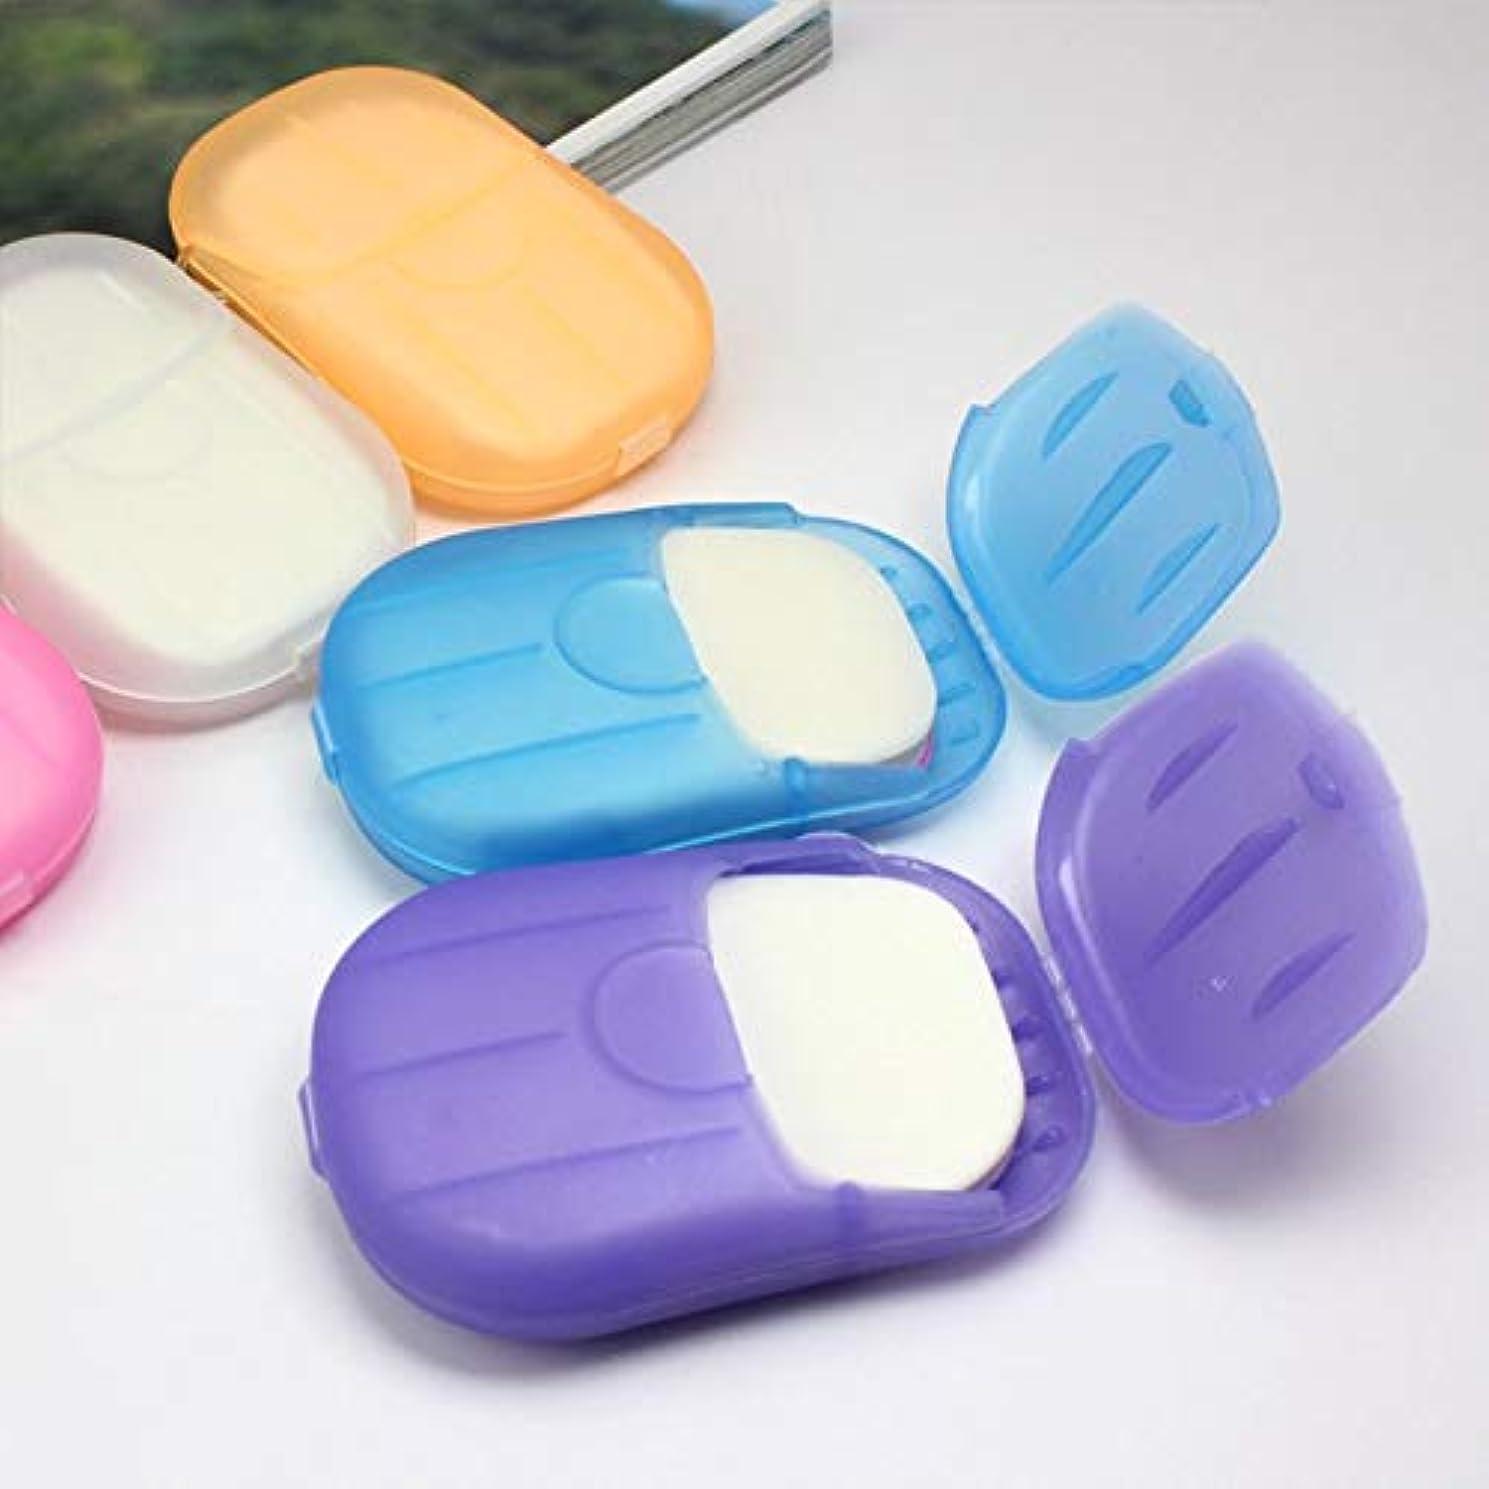 宇宙押し下げる明るい20 Pcs Paper Soap Outdoor Travel Bath Soap Tablets Portable Hand-washing